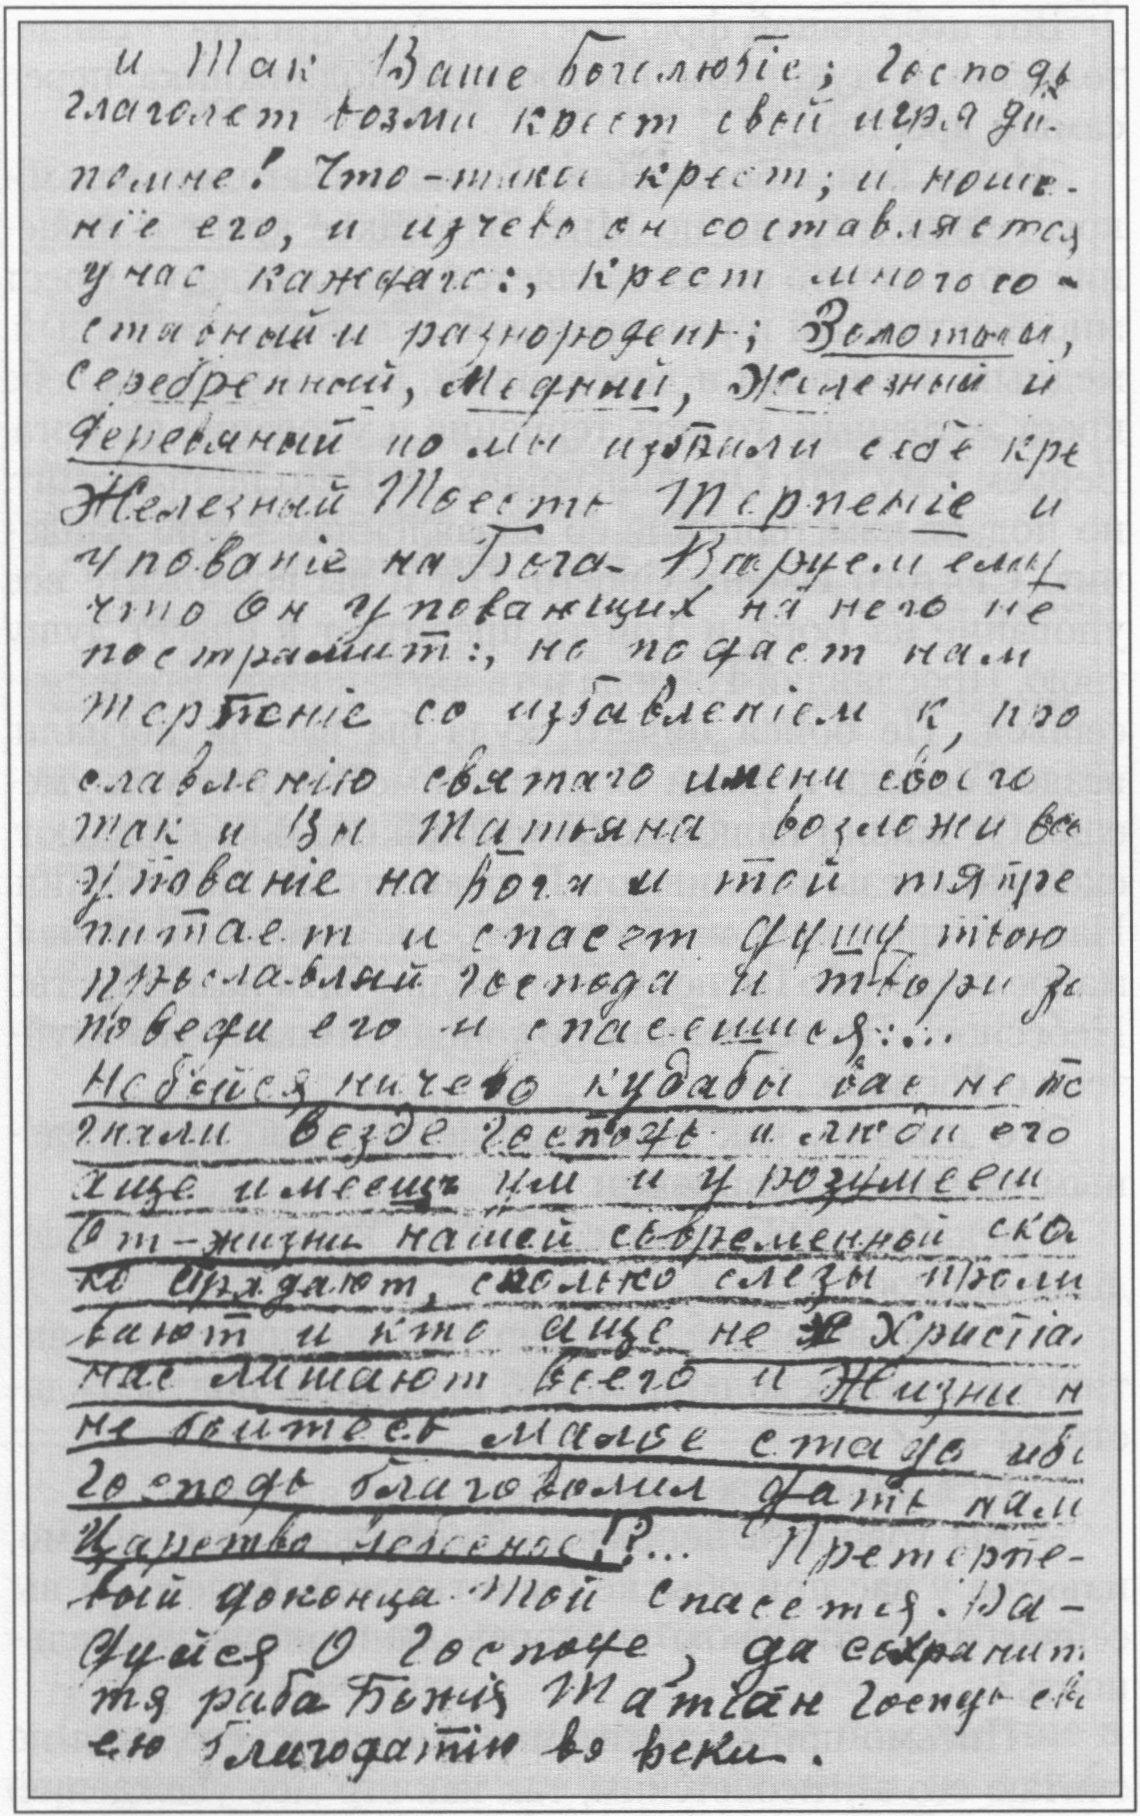 Фрагмент письма иеромонаха Варфоломея. Воспроизводится впервые